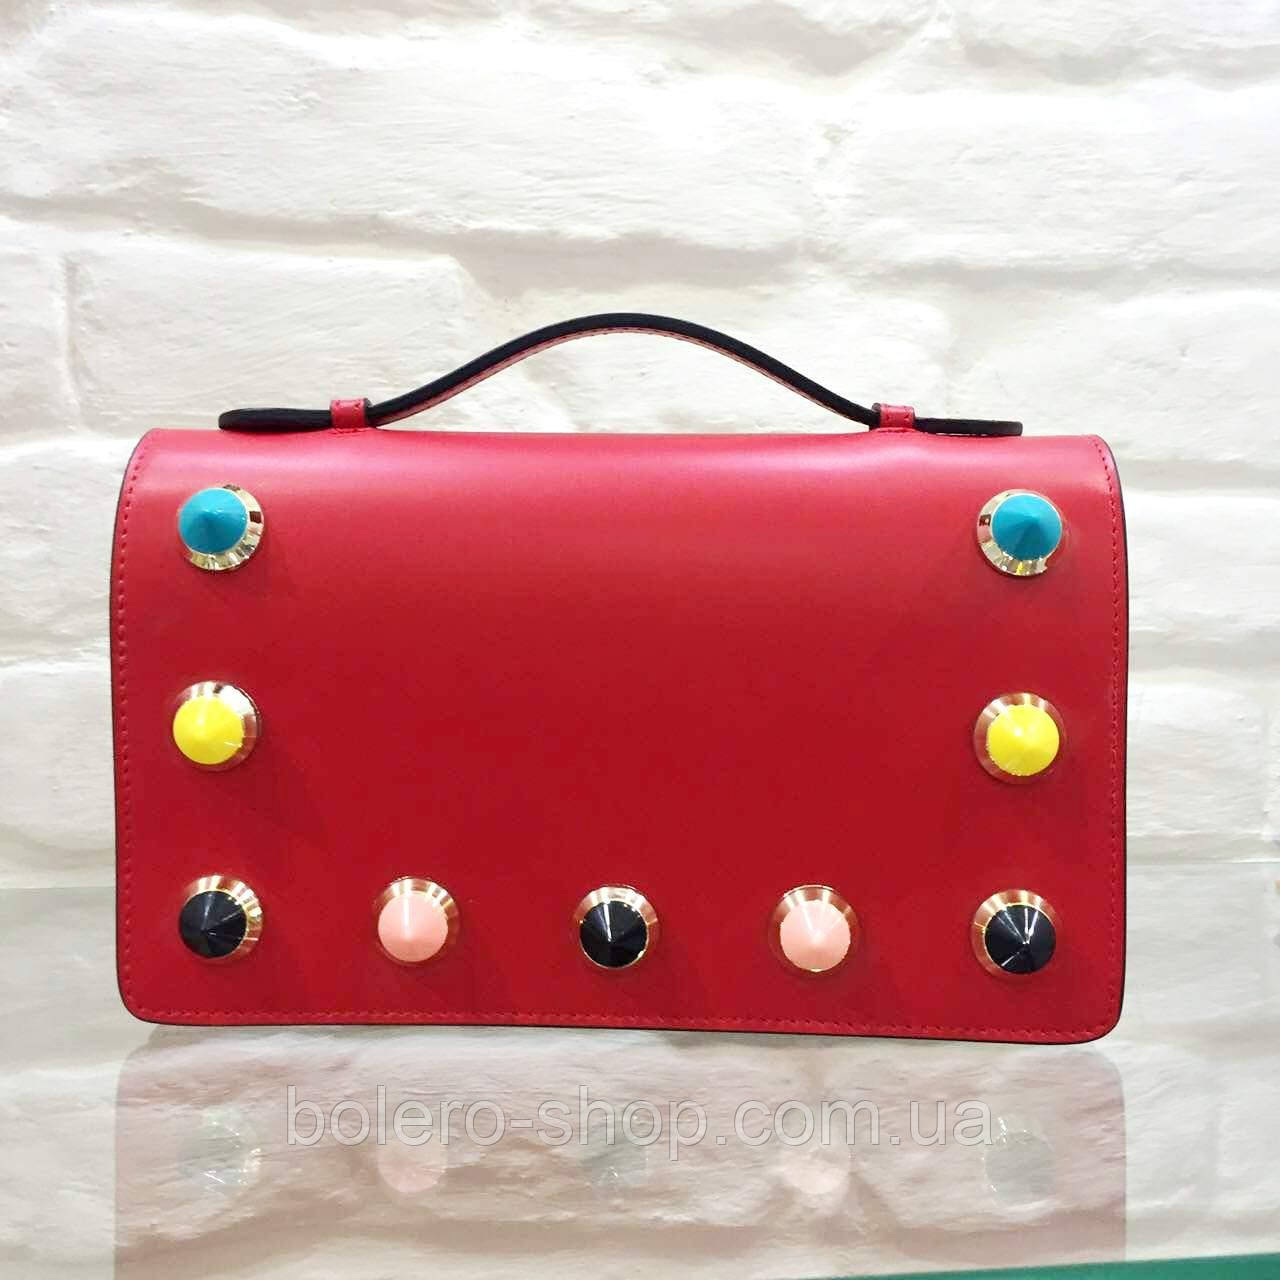 """Брендовая женская сумка красная кожаная маленьких размеров Leather Country - Магазин брендовой женской и  мужской одежды """" BOLERO"""" в Львове"""